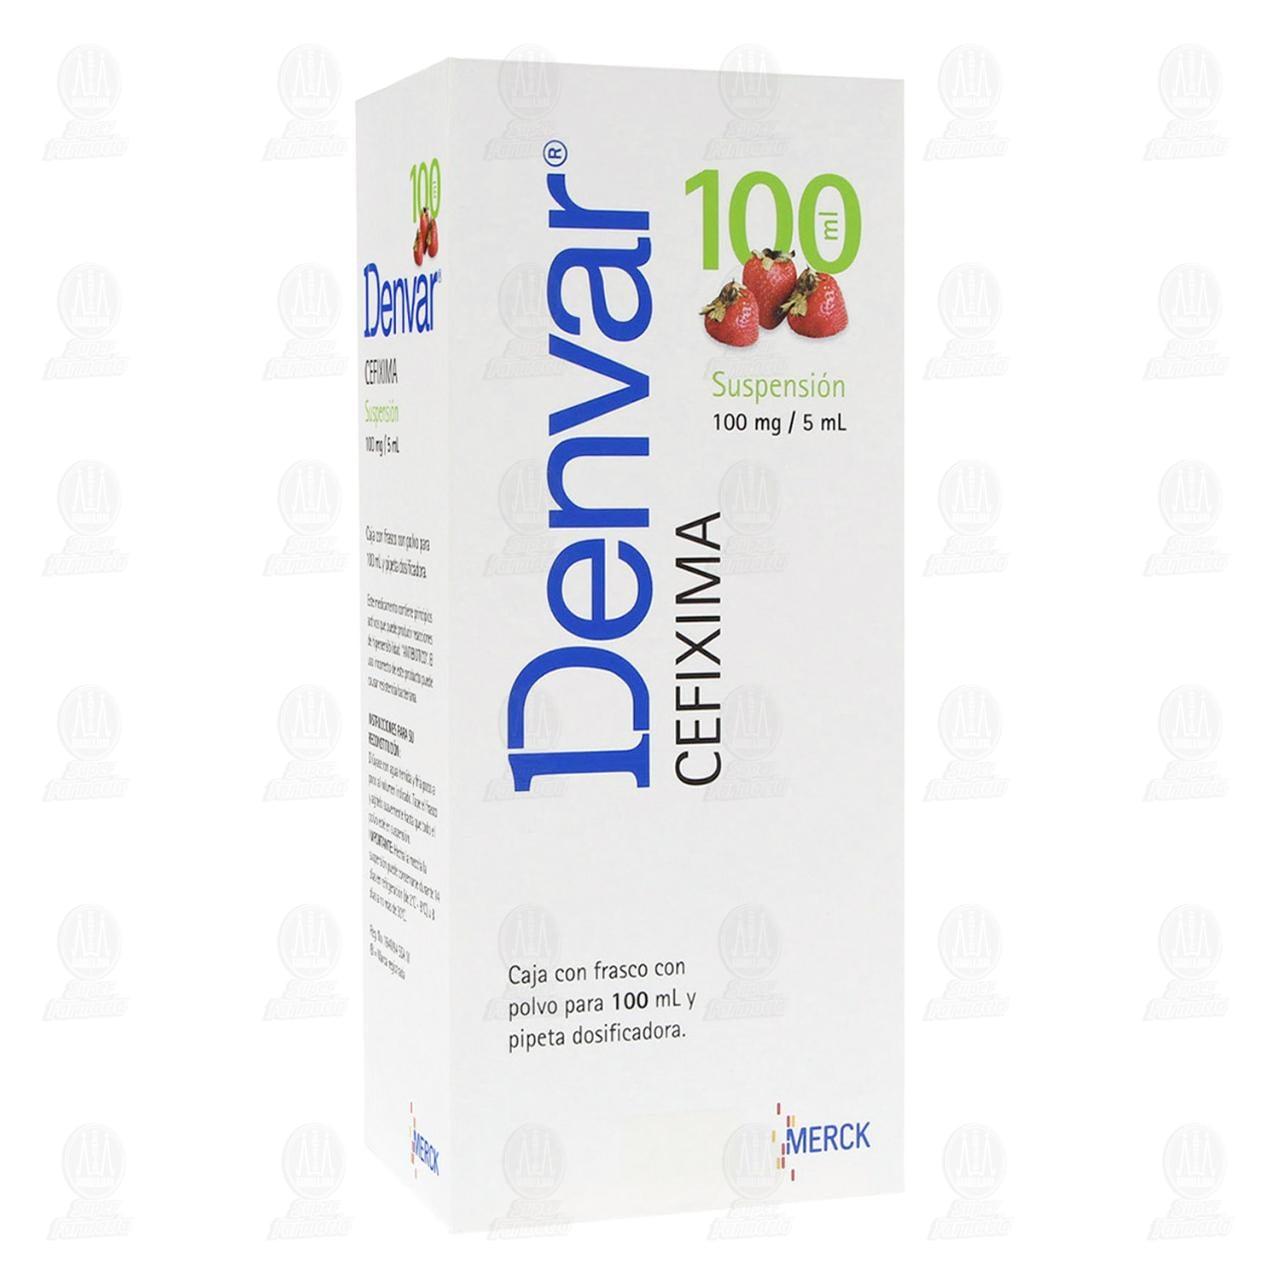 Comprar Denvar 100mg/5ml 100ml Suspensión en Farmacias Guadalajara